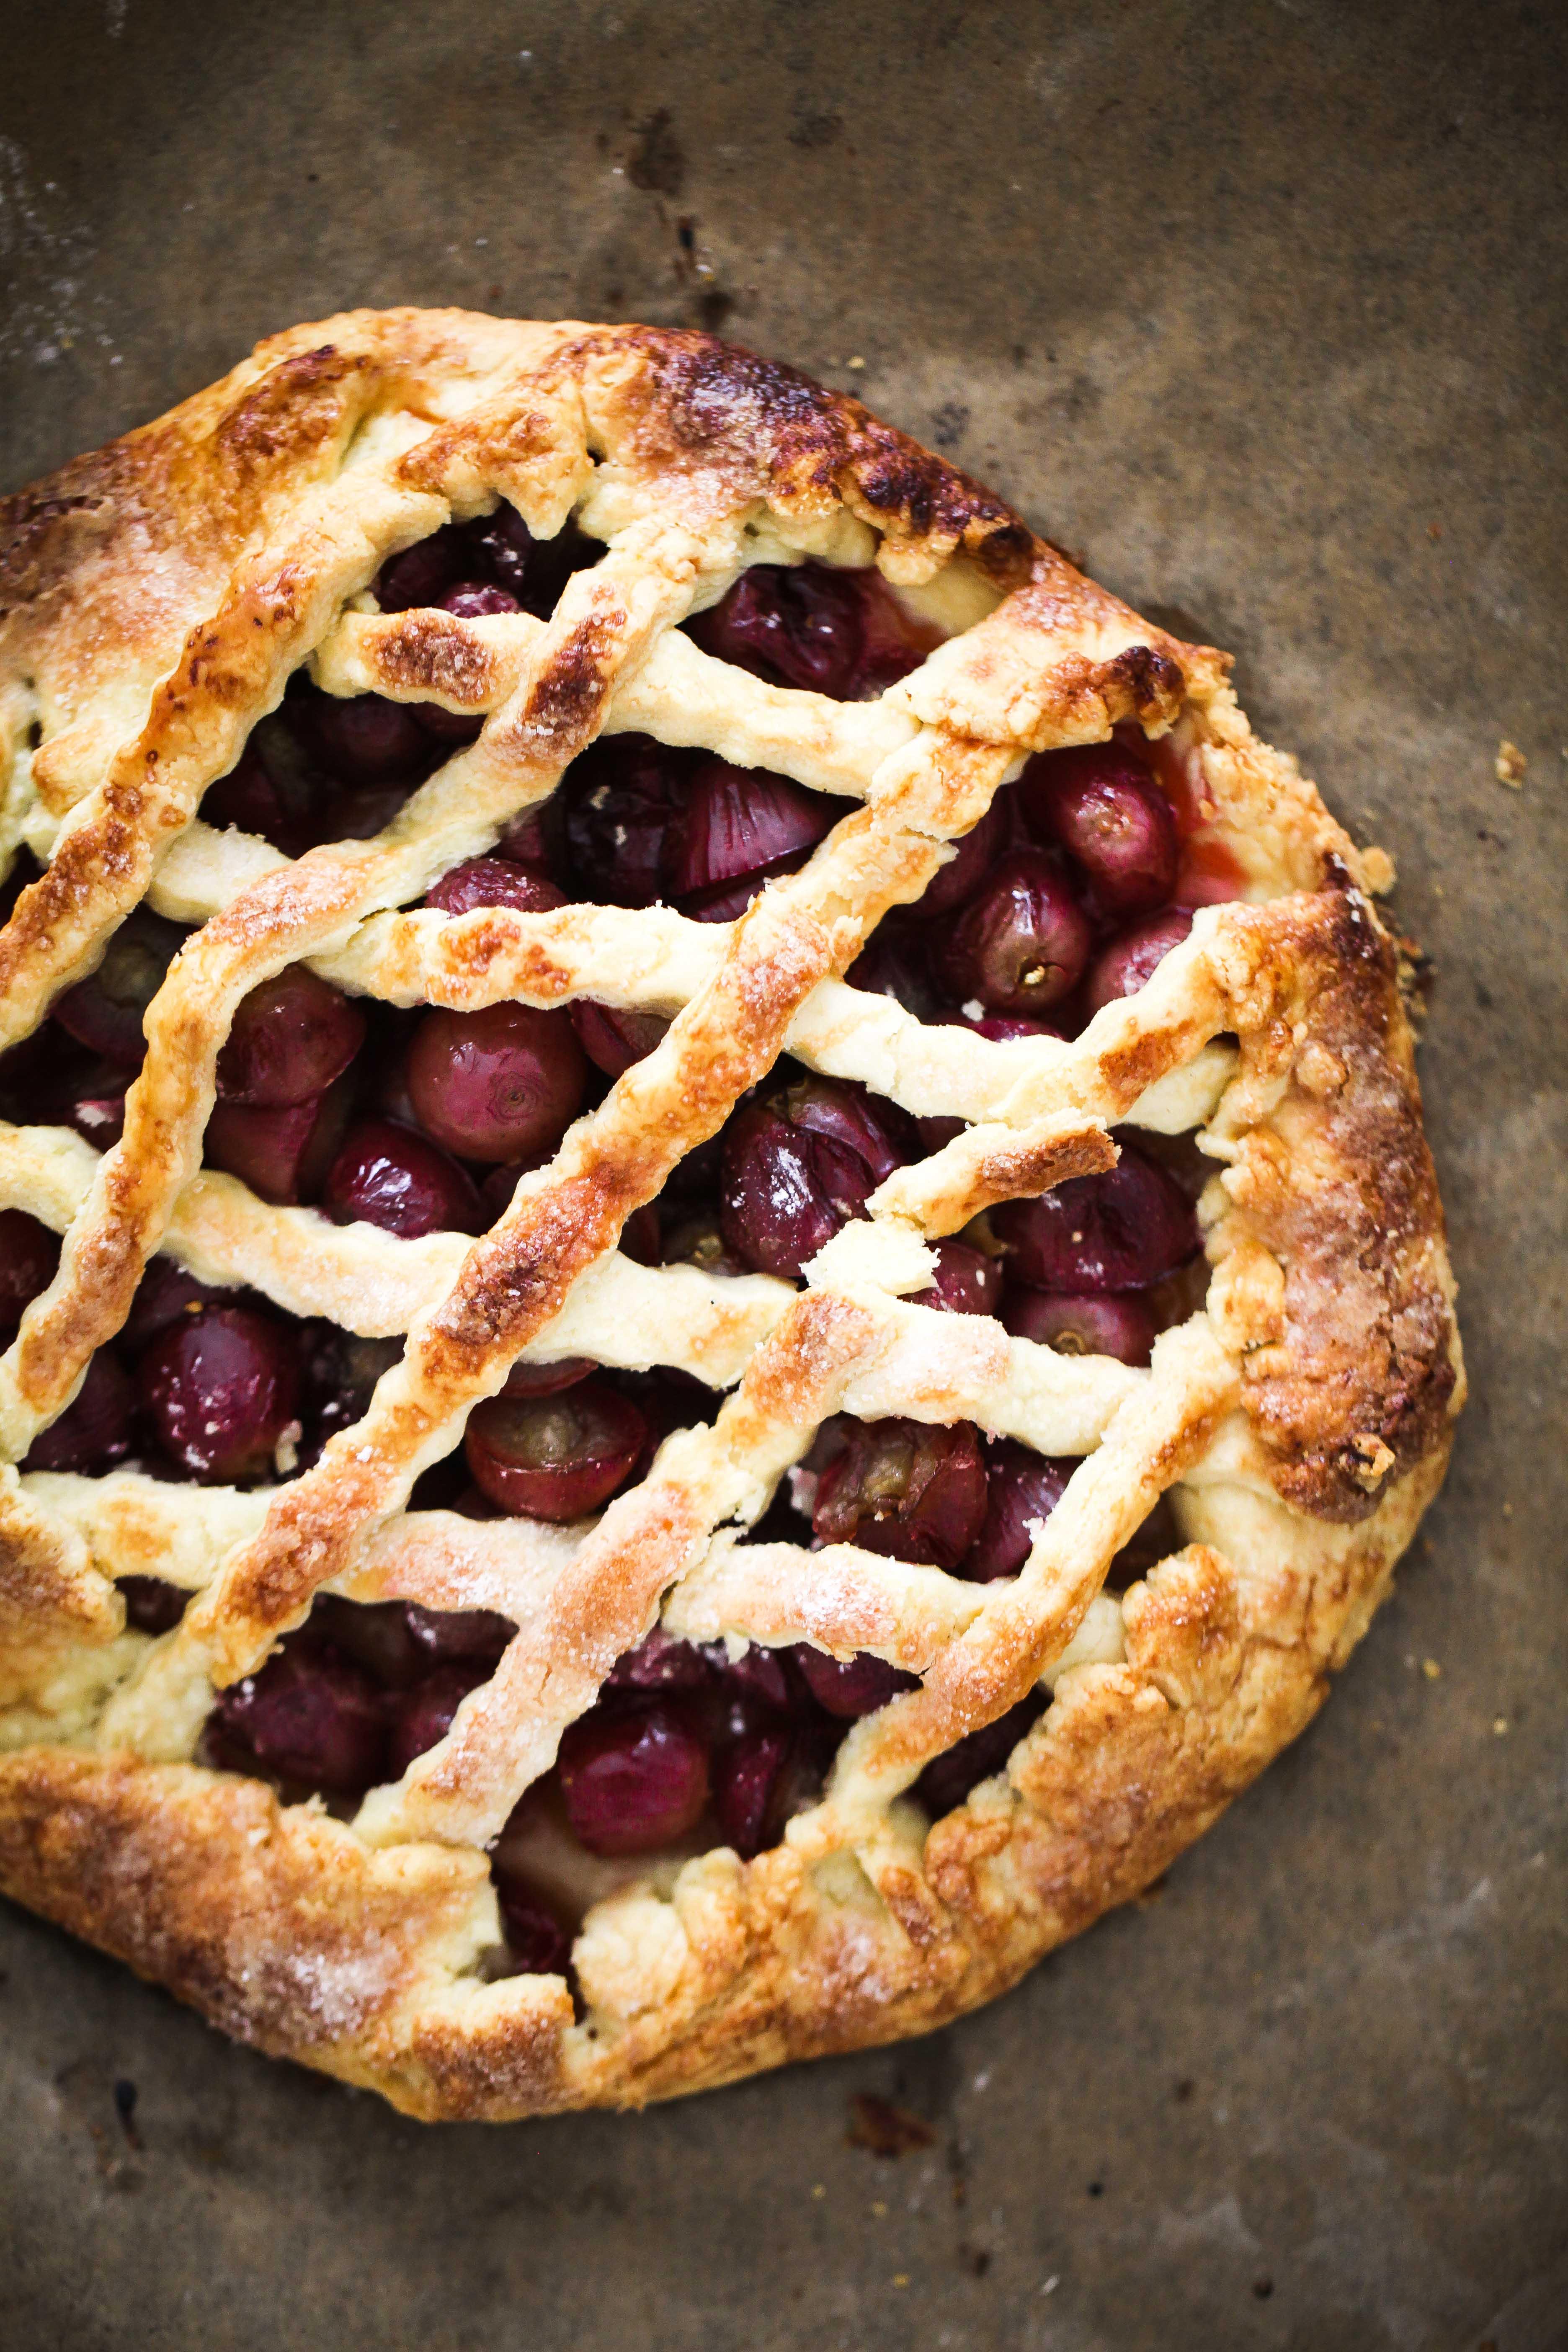 Zuckerzimtundliebe Backrezept Weintraubentarte Traubenrezept Weintraubenrezept EDEKA Fruchtkontor Saisonkalender grape tart recipe Herbstkuchen Herbsttart Traubentarte